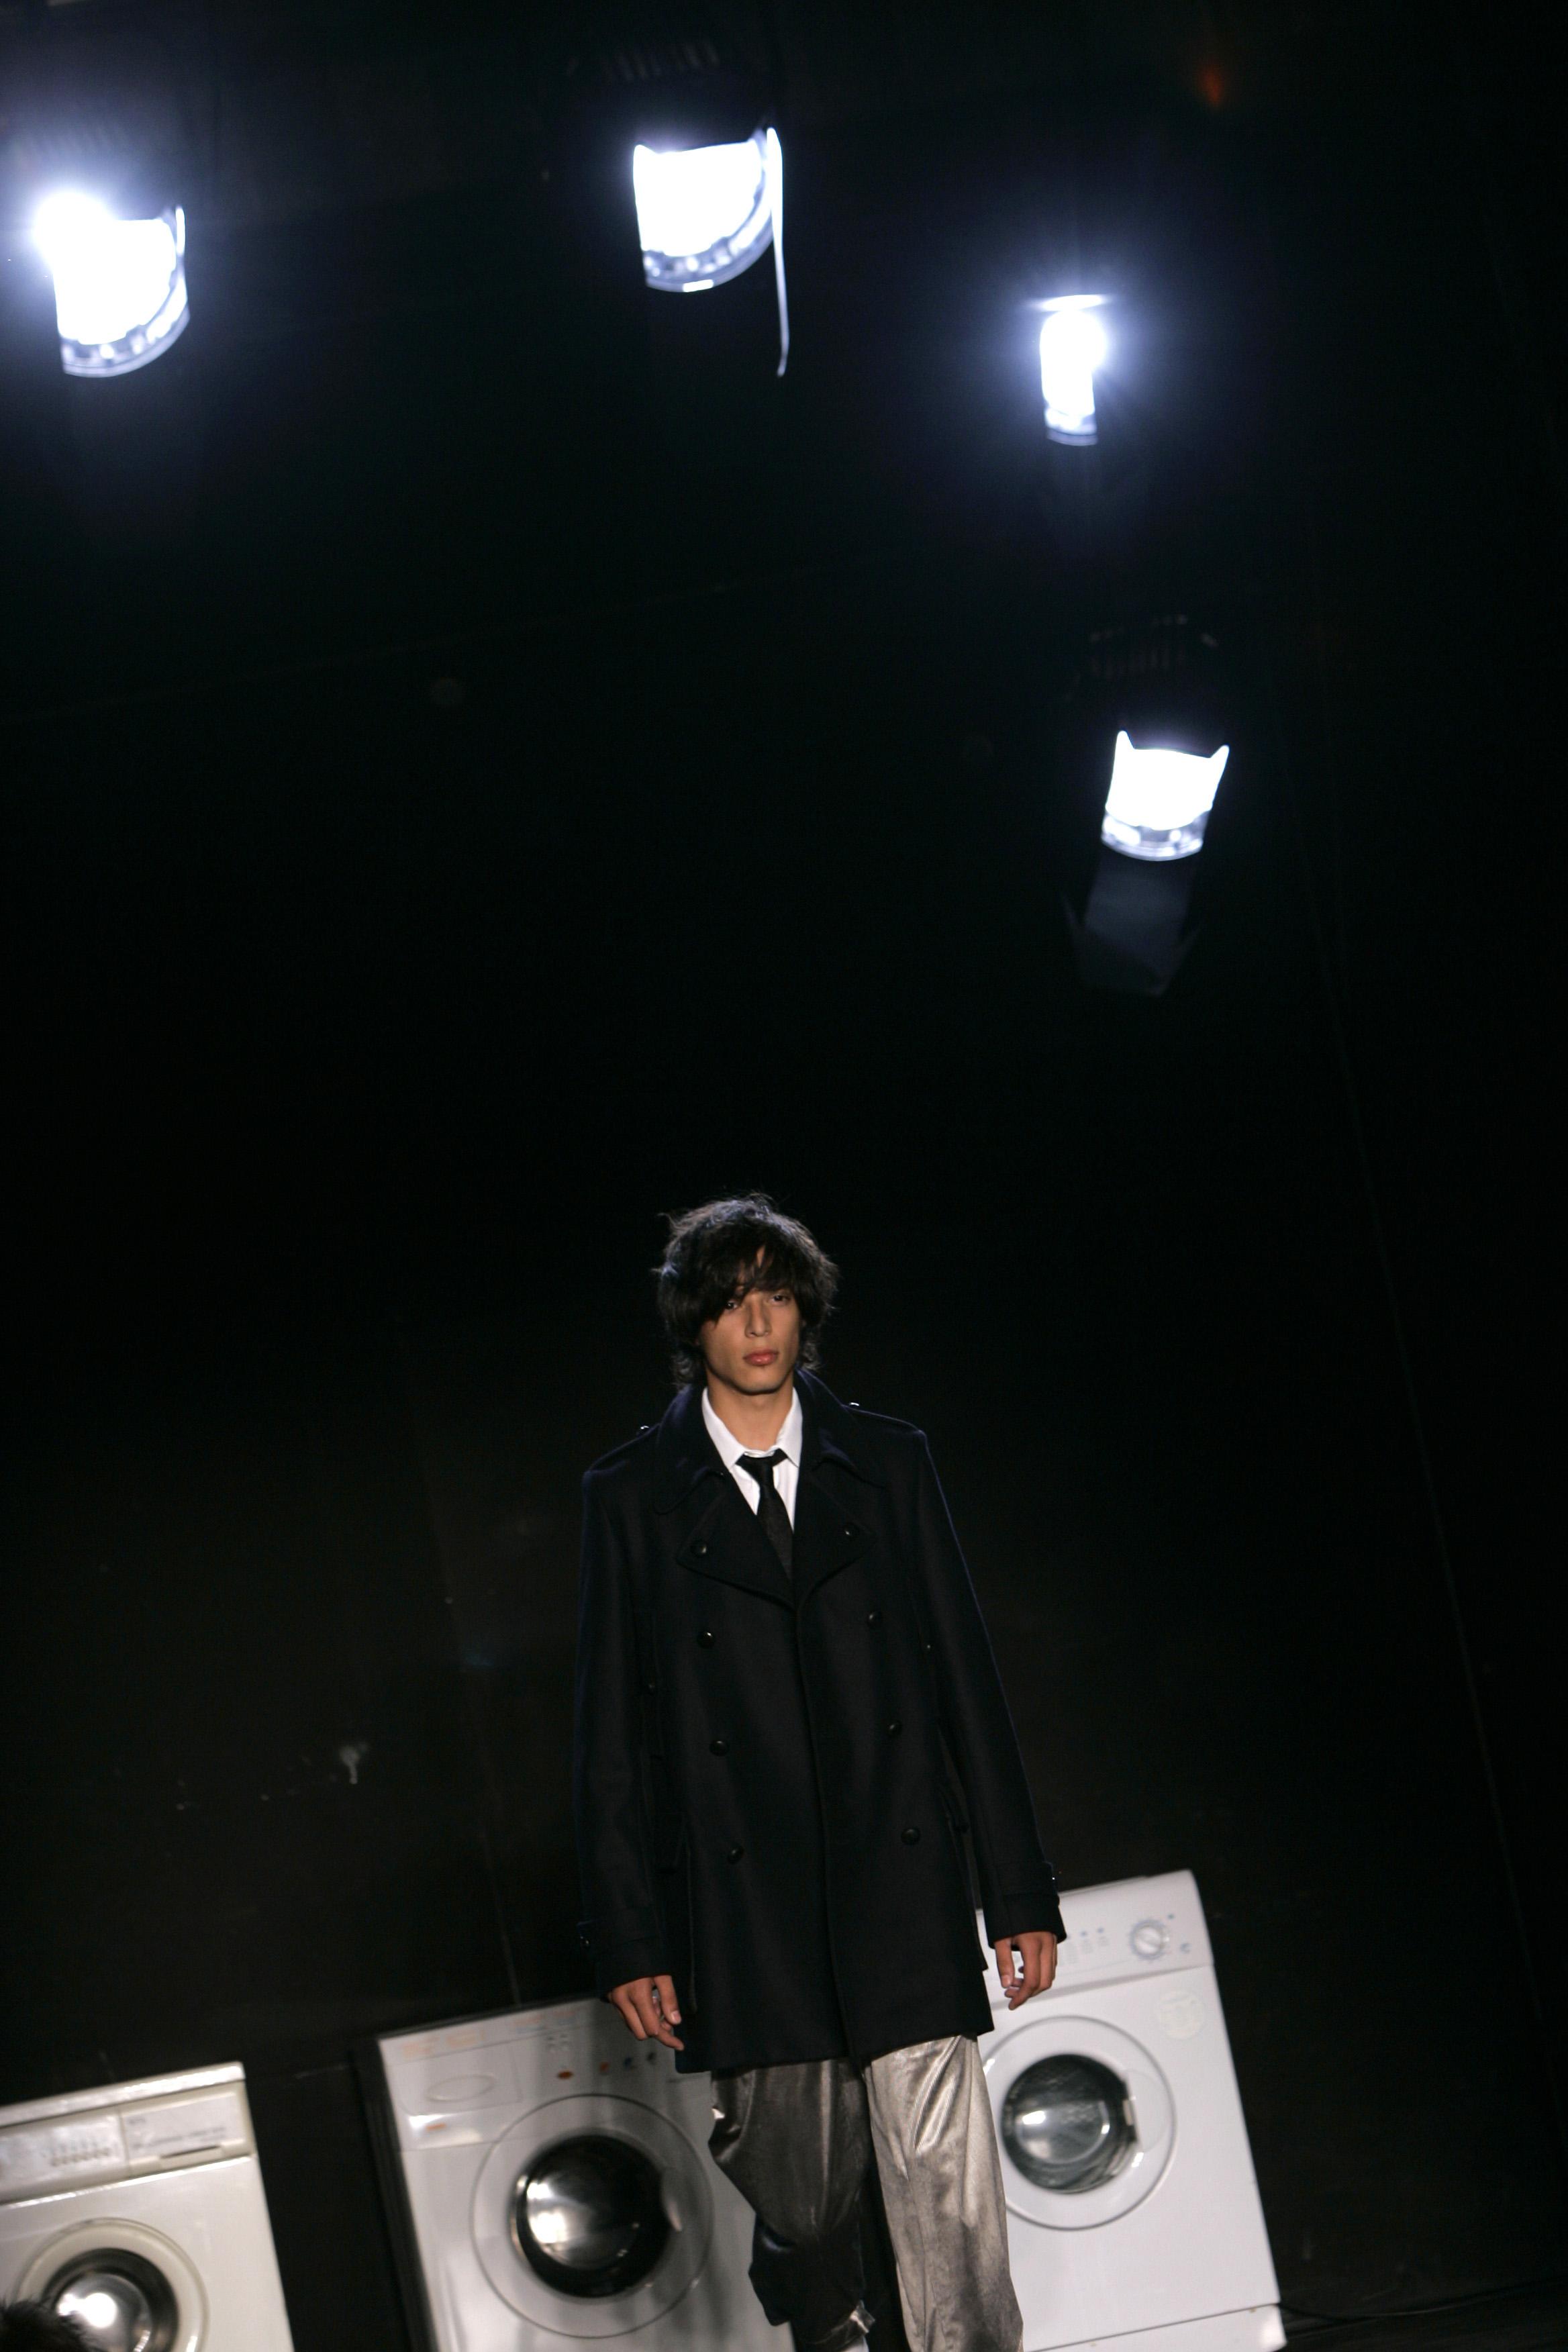 یک مدل از خلاقیت های Kris Van Assche بلژیکی به عنوان بخشی از مجموعه مد مردان پاییز / زمستان 2008-2009 خود در پاریس ، جمعه 18 ژانویه 2008 ، استفاده می کند.